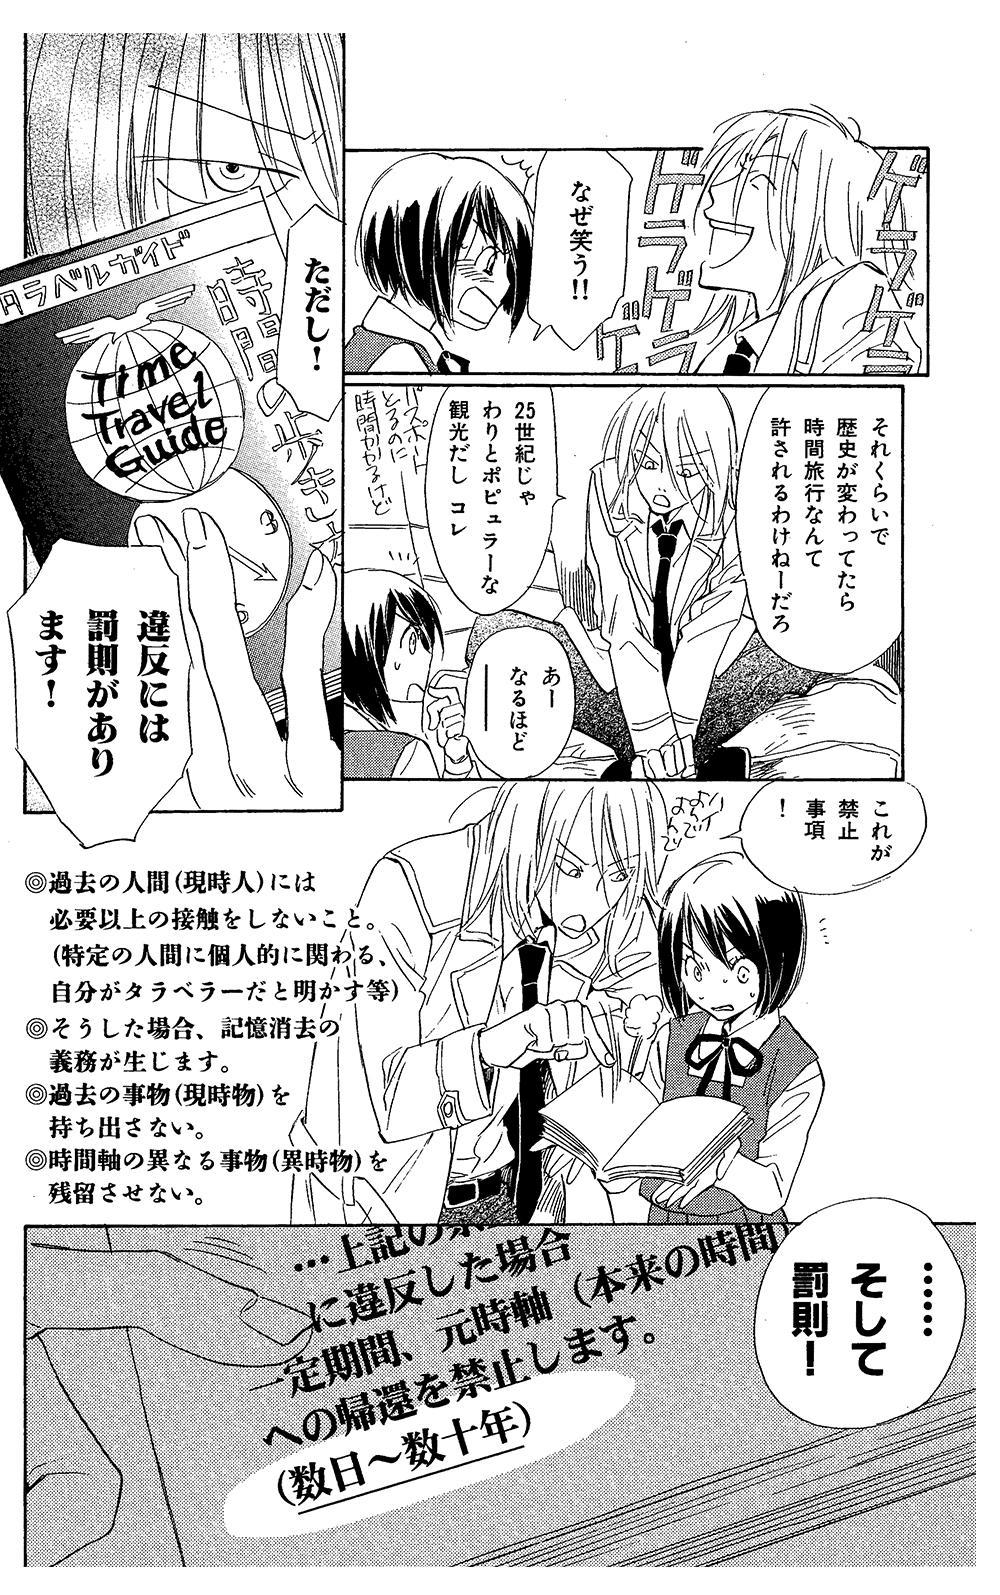 時間の歩き方 第1話 ①jikan01-16.jpg